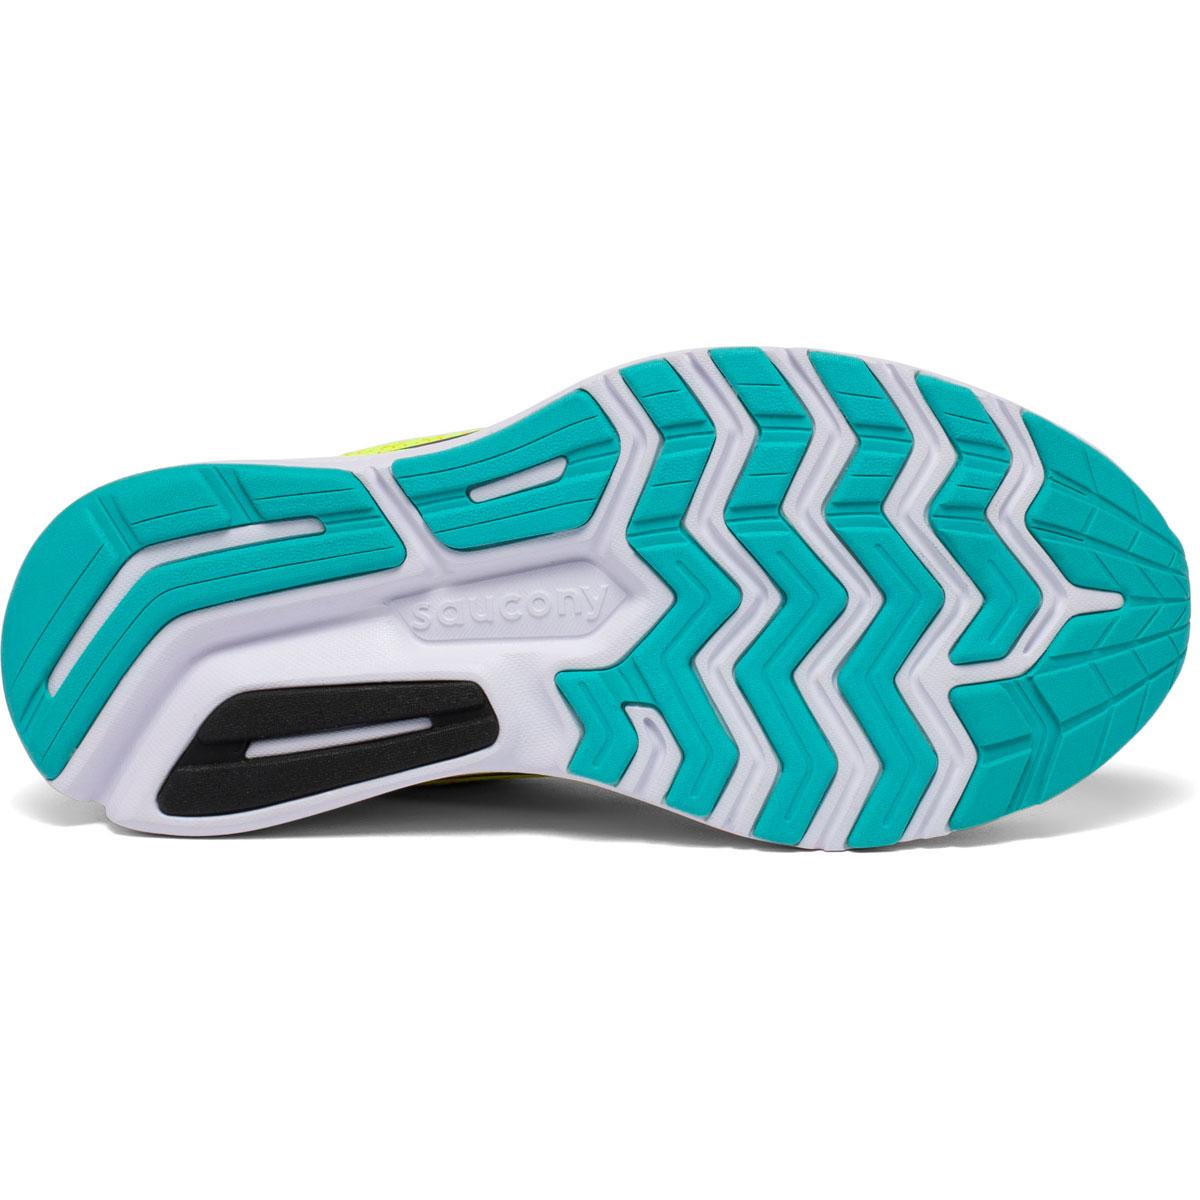 Women's Saucony Ride 13 Running Shoe - Color: Citron Mutant - Size: 5 - Width: Regular, Citron Mutant, large, image 4